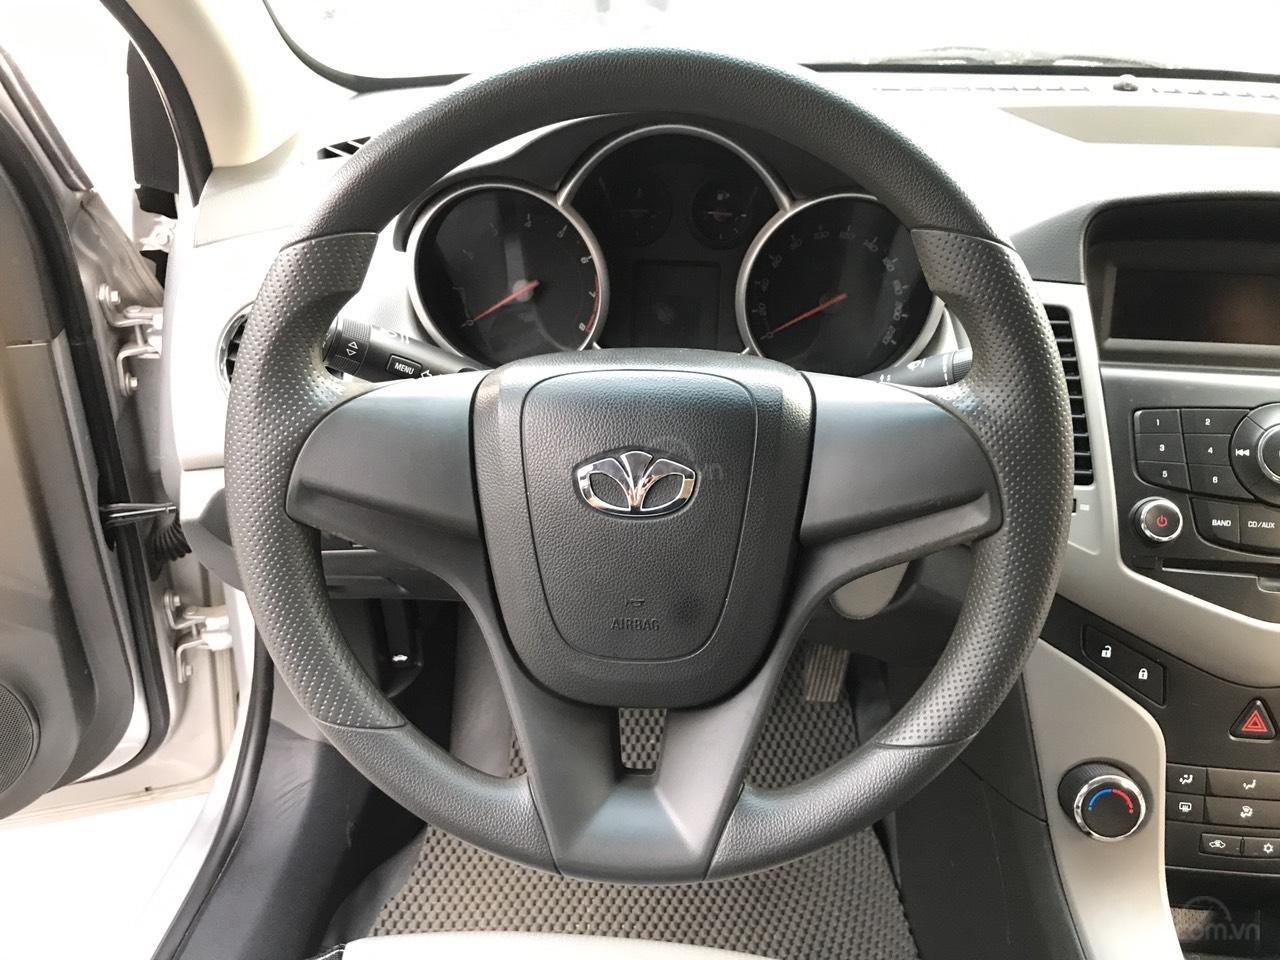 Bán xe Daewoo Lacetti SE năm sản xuất 2009, màu bạc, công nhận chất lượng cao (6)